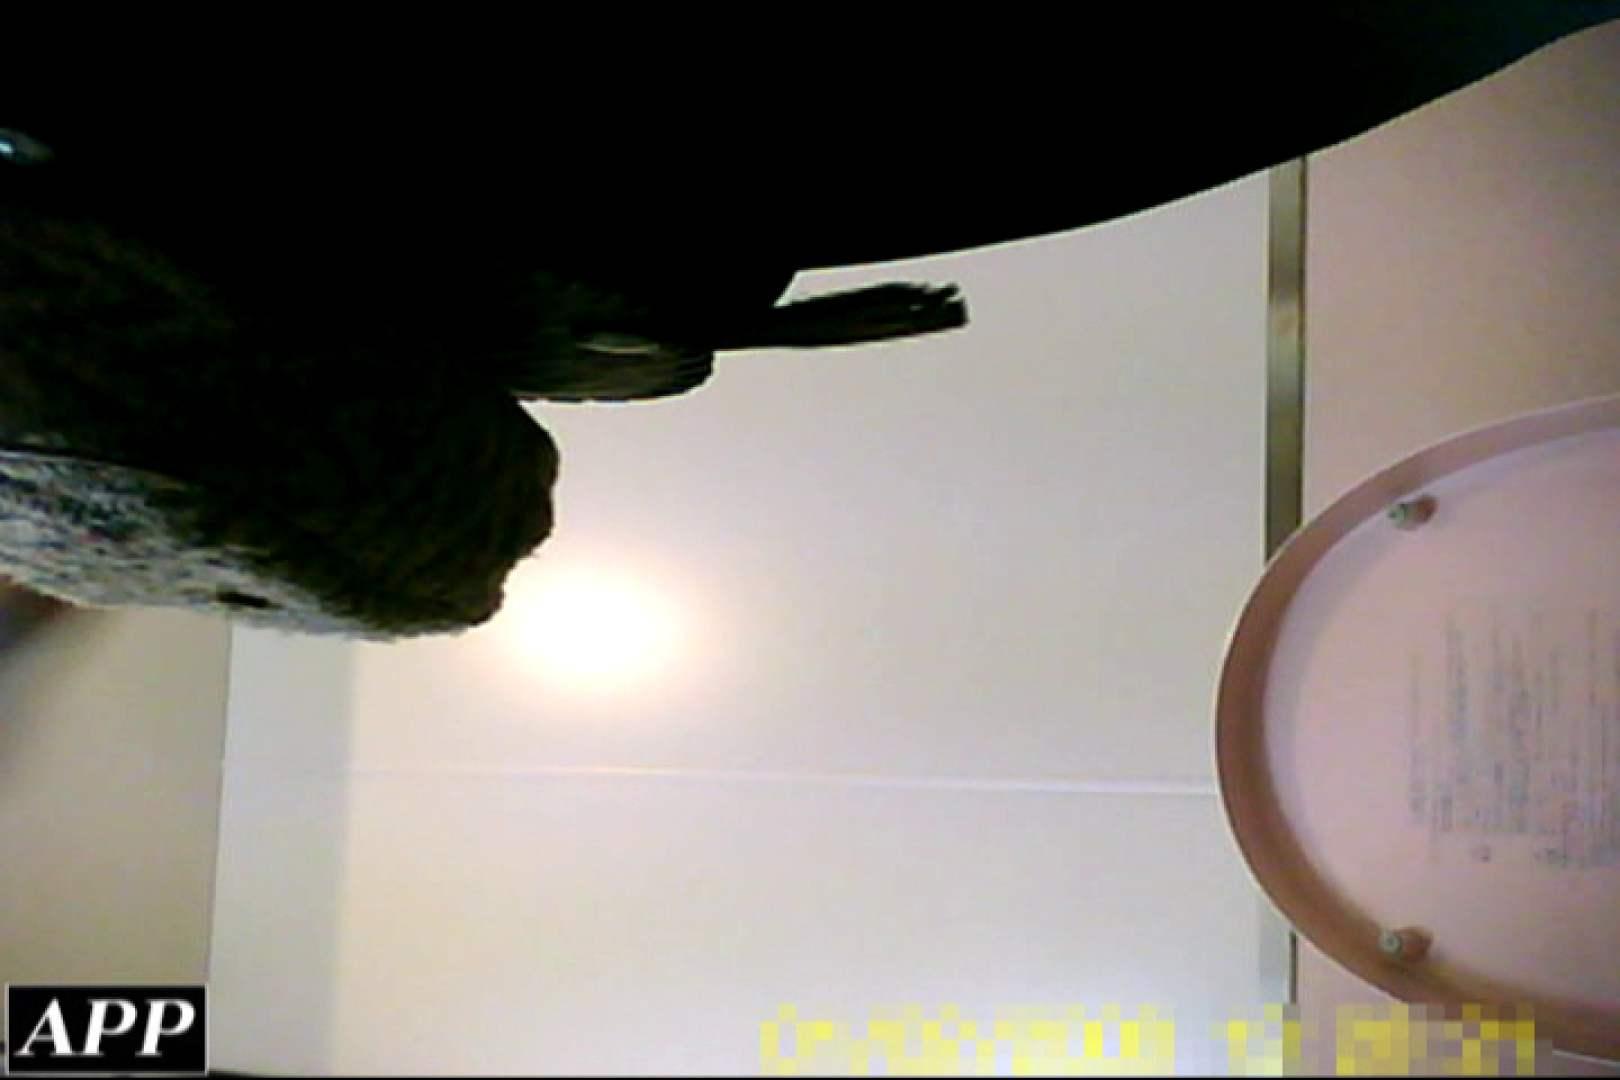 3視点洗面所 vol.117 マンコ エロ画像 106pic 85